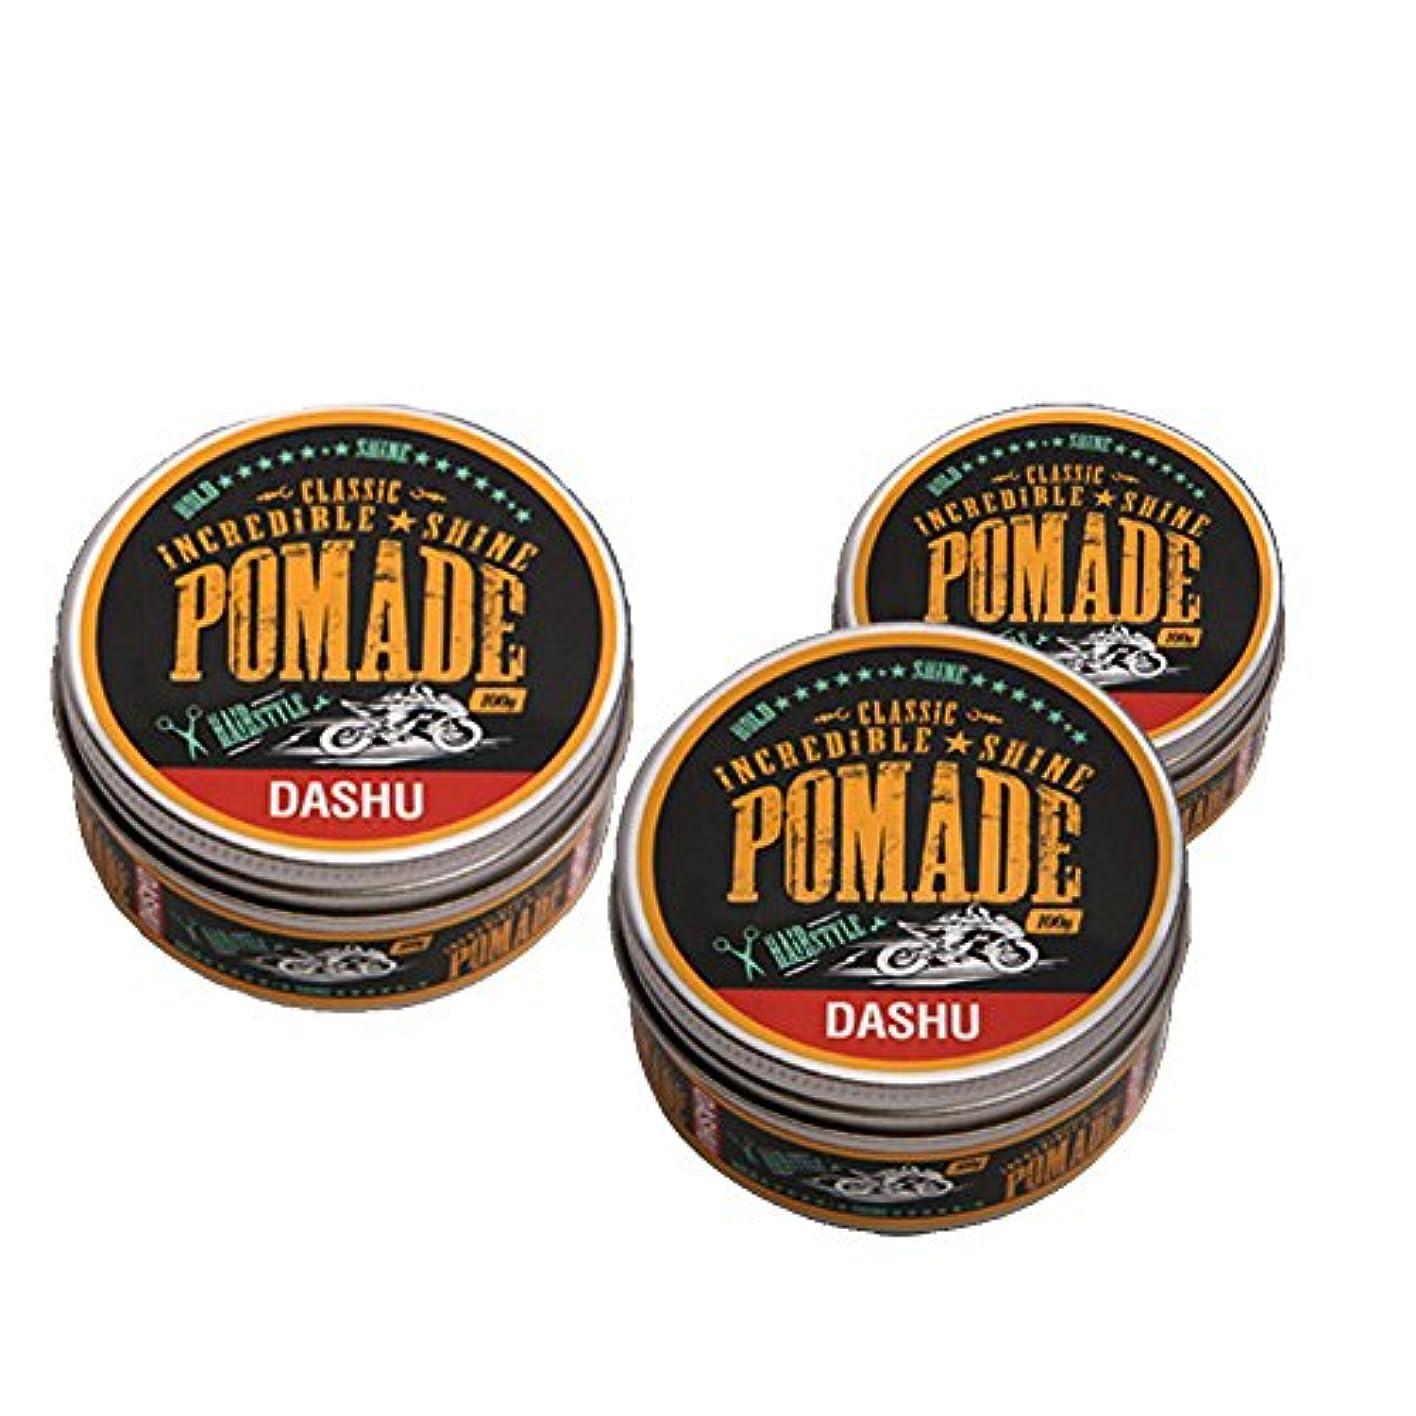 肯定的協会お願いします(3個セット) x [DASHU] ダシュ クラシック 信じられないほどの輝き ポマードワックス Classic Incredible Shine Pomade Hair Wax 100ml / 韓国製 . 韓国直送品